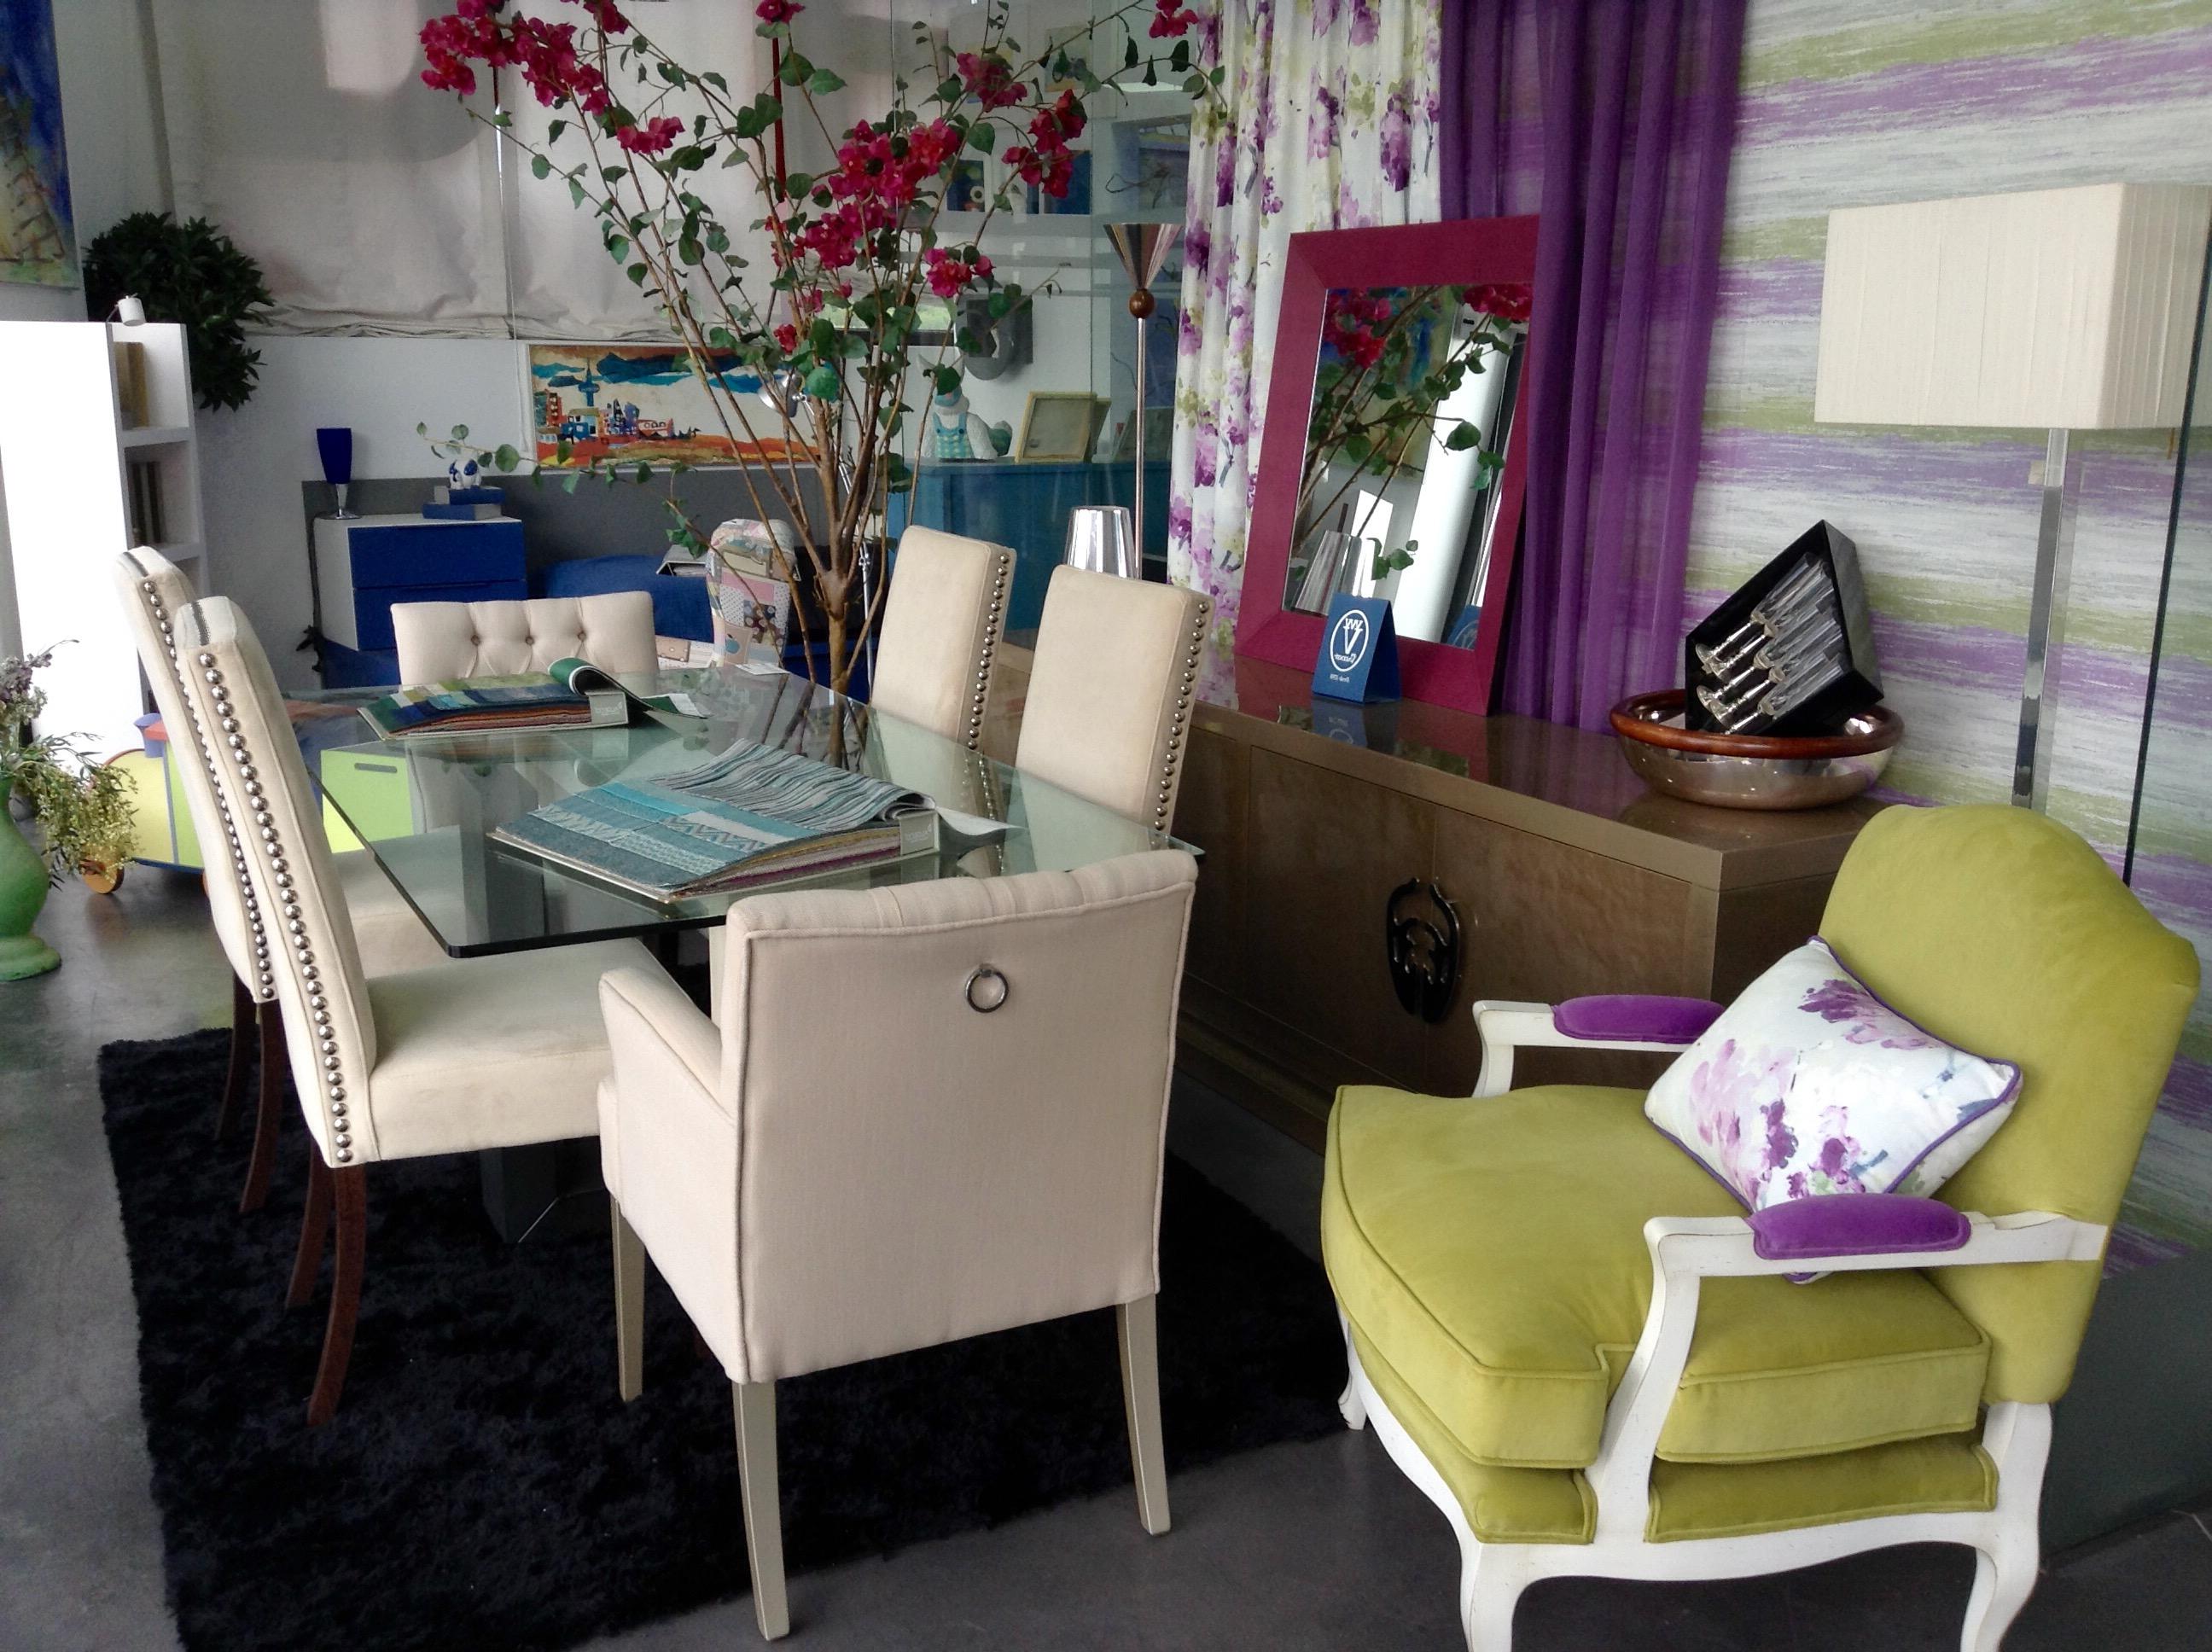 Nuevo Mundo Muebles Irdz Nuevomundo Centro Ercial Arco